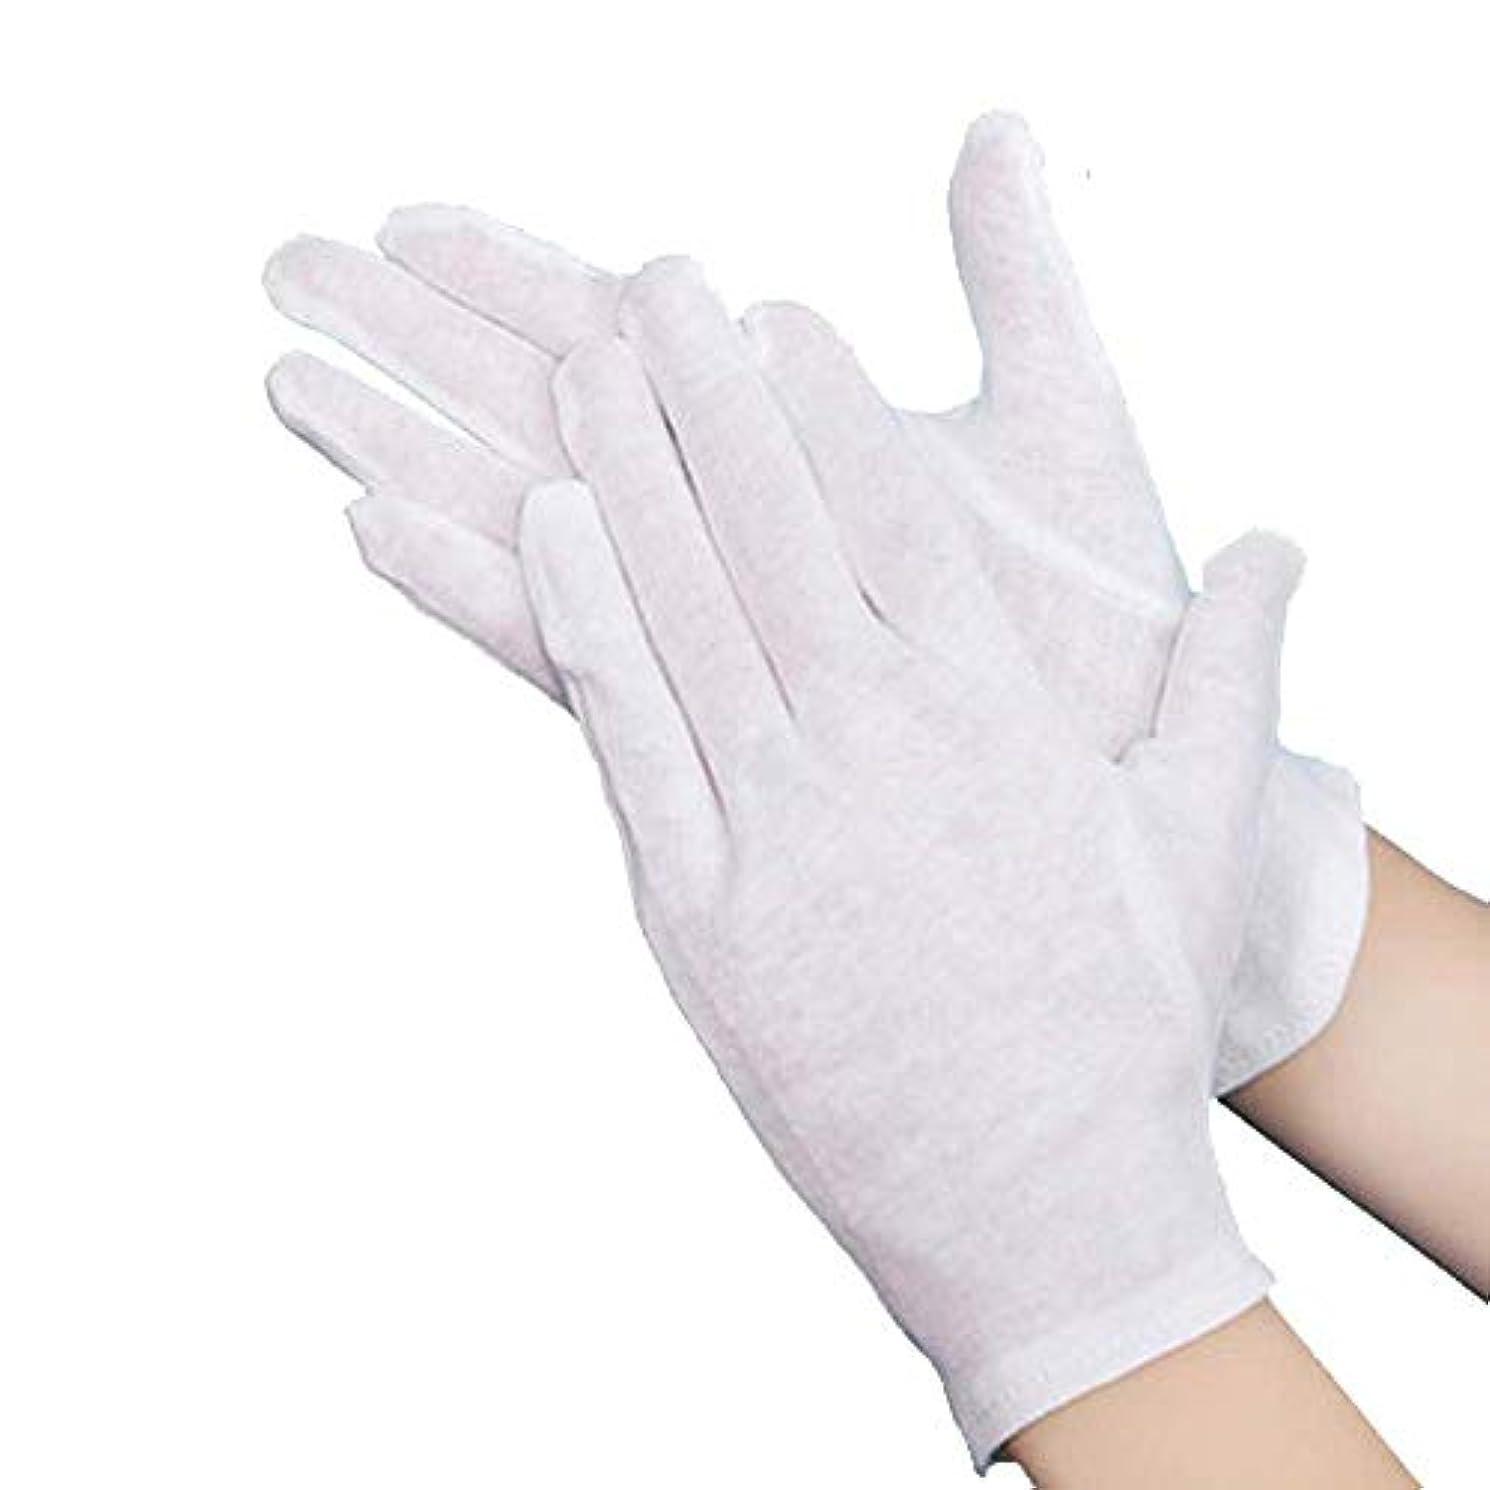 綿手袋 純綿100%通気性耐久性が強い上に軽く高品質吸汗性が优秀ふんわりとした肌触り10双組